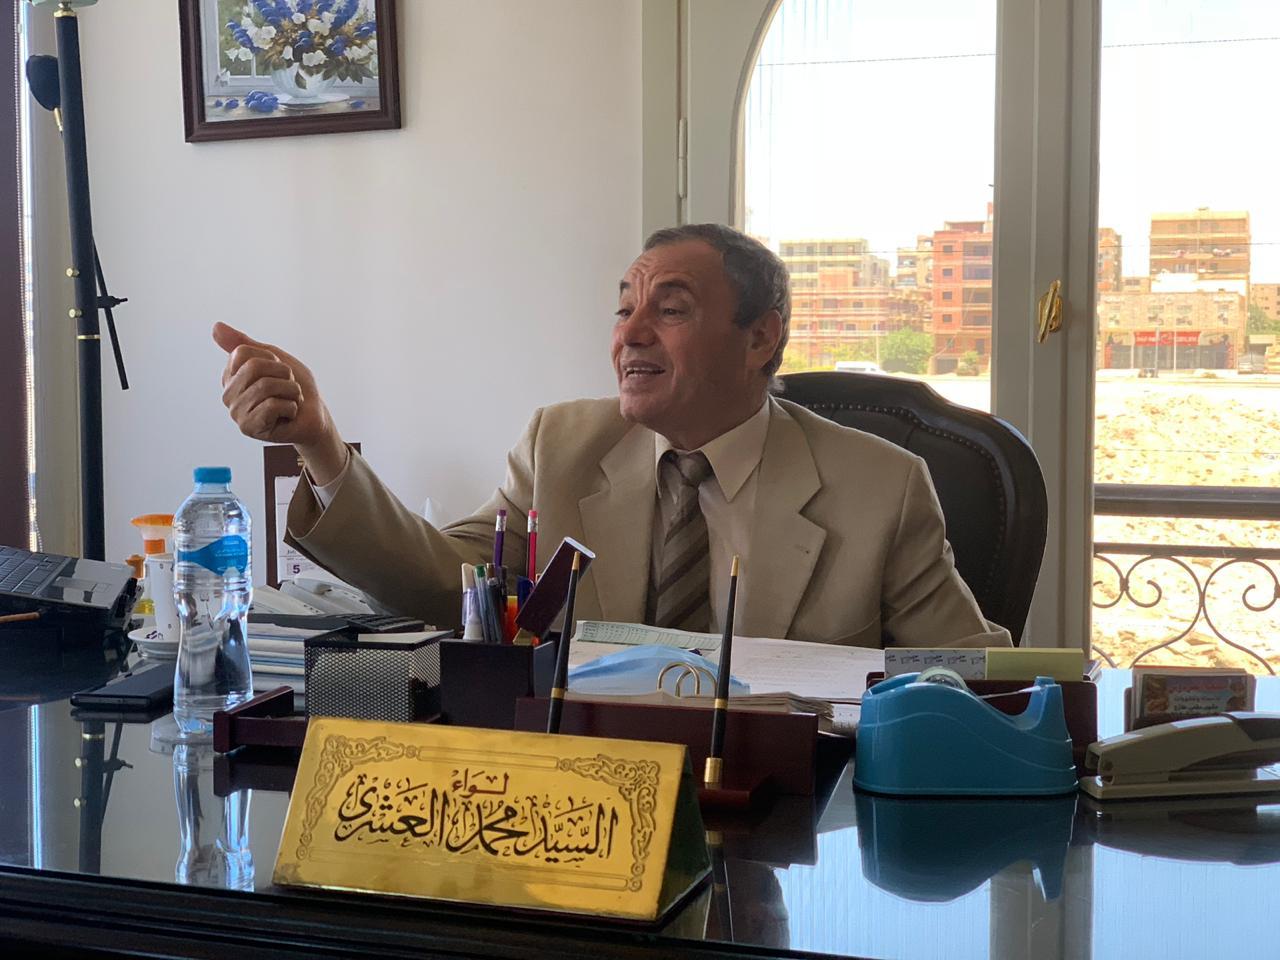 شركة التعمير و الإسكان تنتهى من 70% من مرافق وشبكات 5 قرى ضمن مبادرة حياة كريمة